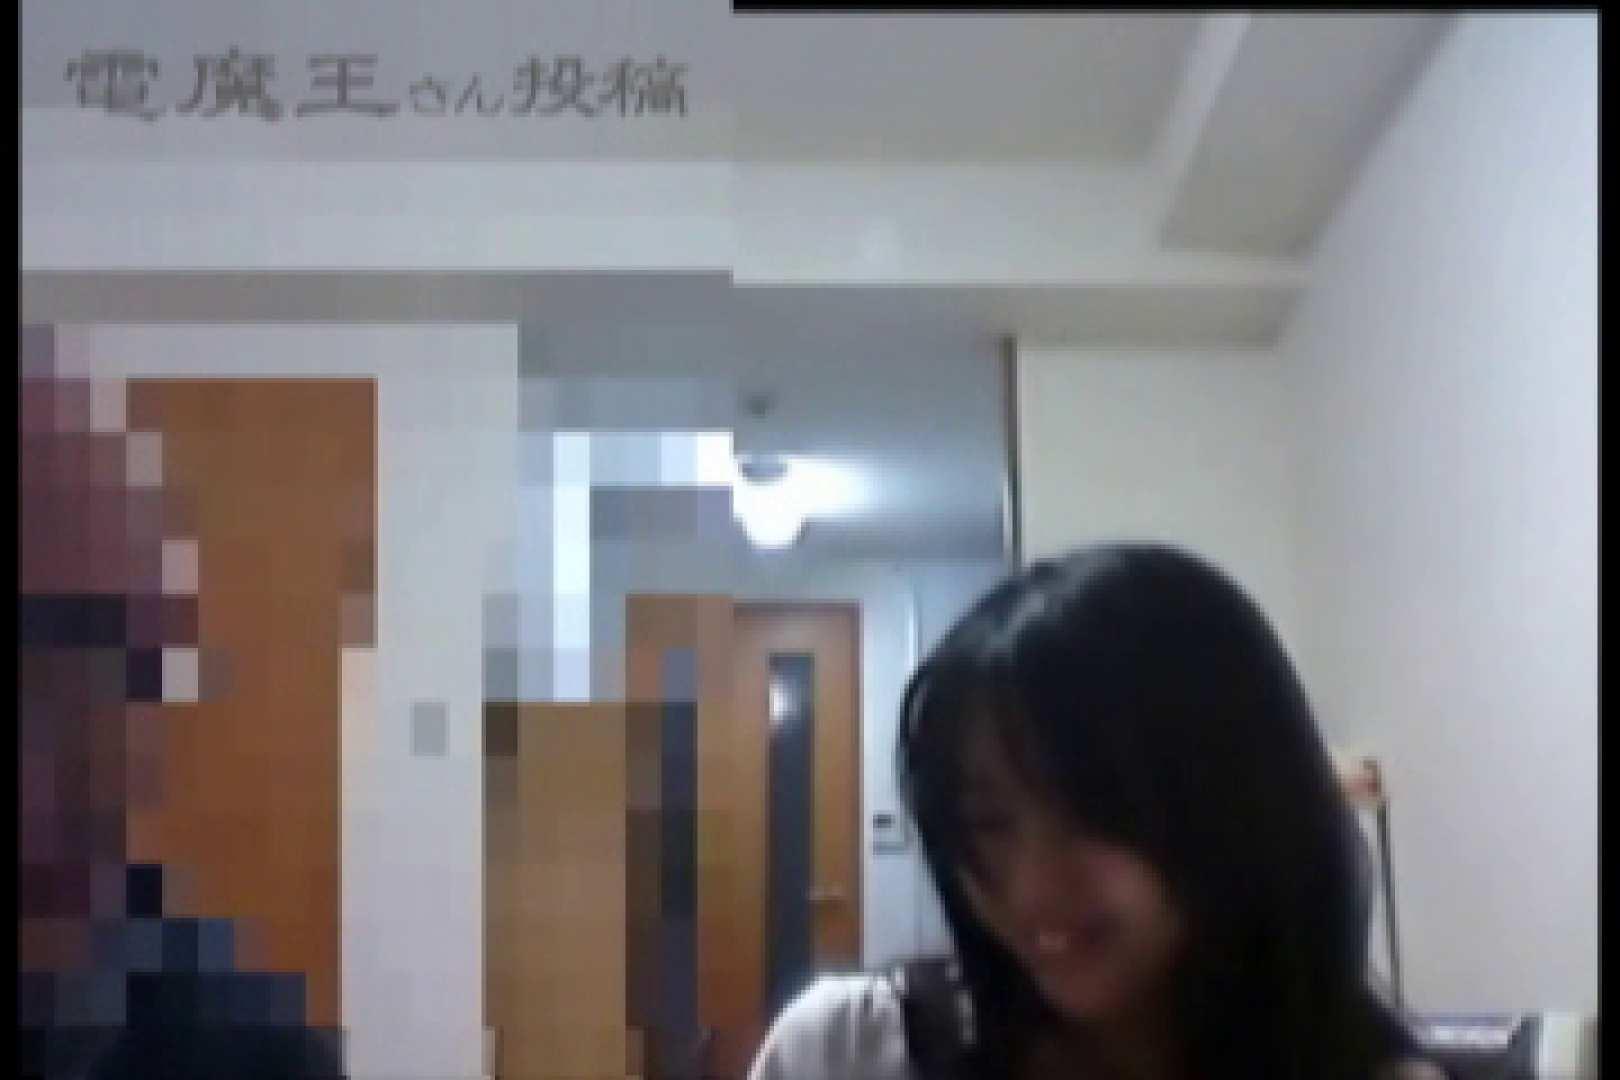 電魔王さんの「隠撮の部屋」ミーナ 隠撮  106pic 24